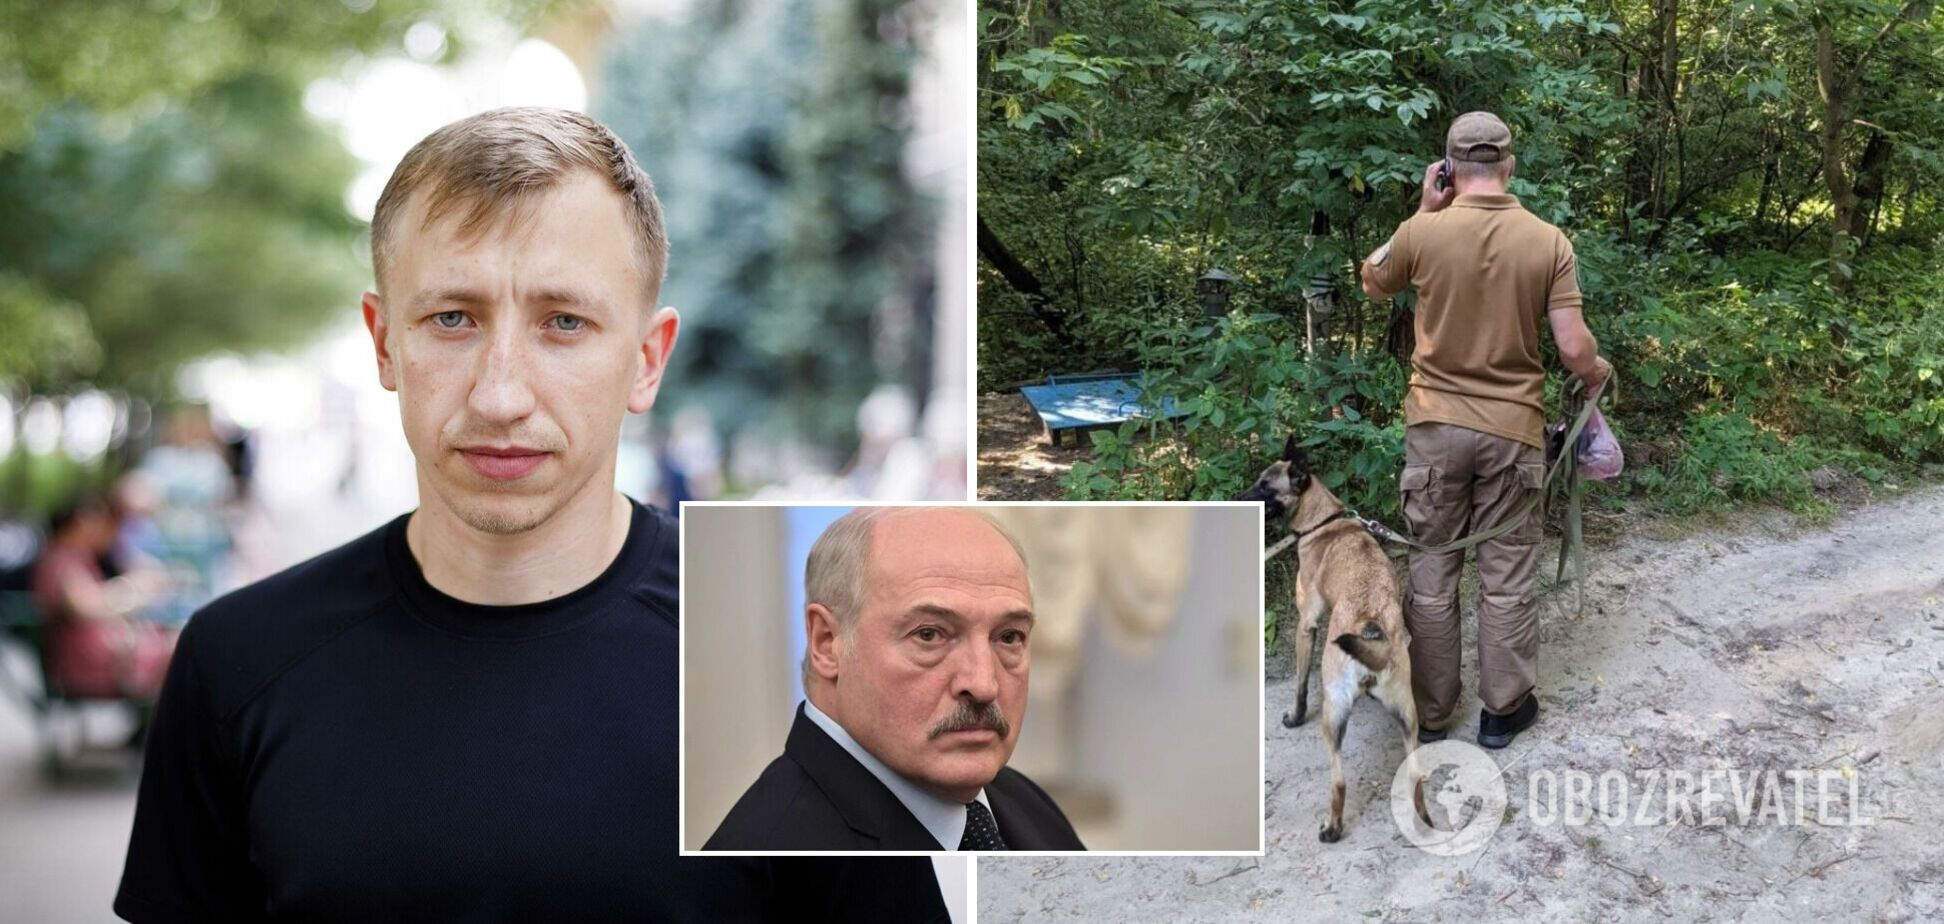 Белорусский режиссер – о гибели Шишова: это показательный жест диктатуры Лукашенко